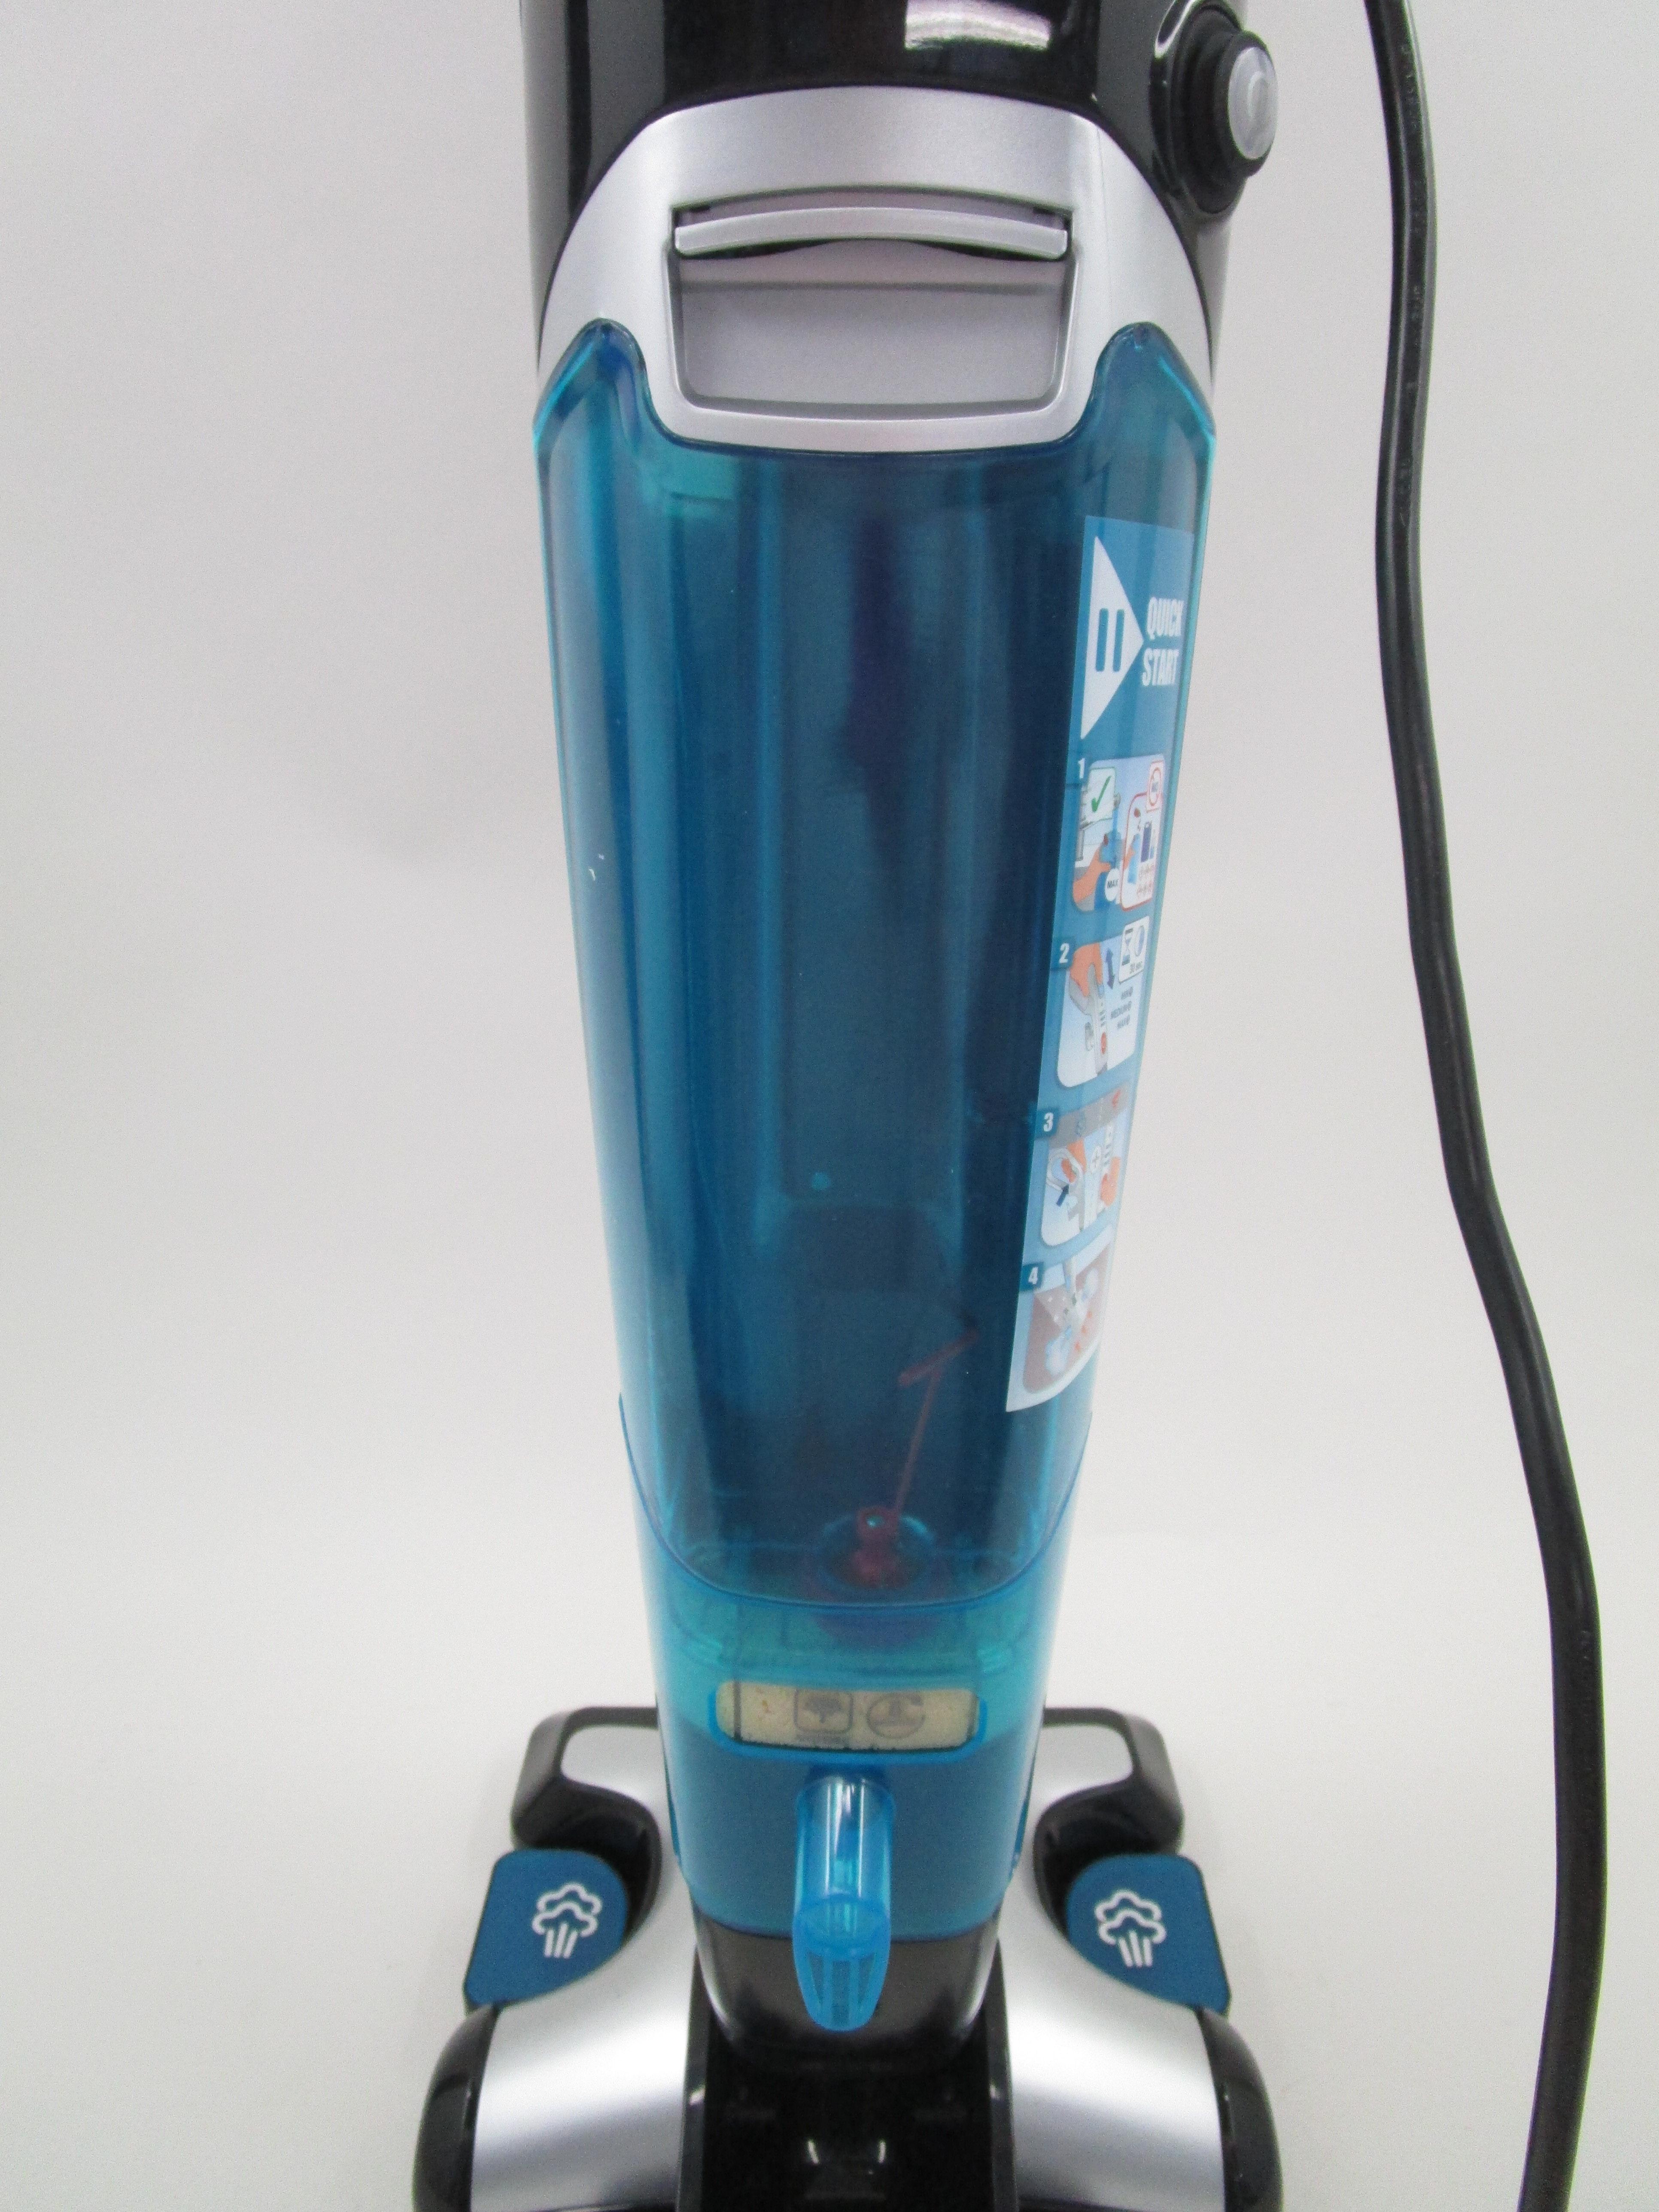 I Dettagli Del Test Sull Aspirapolvere Rowenta Ry7535 Clean Steam